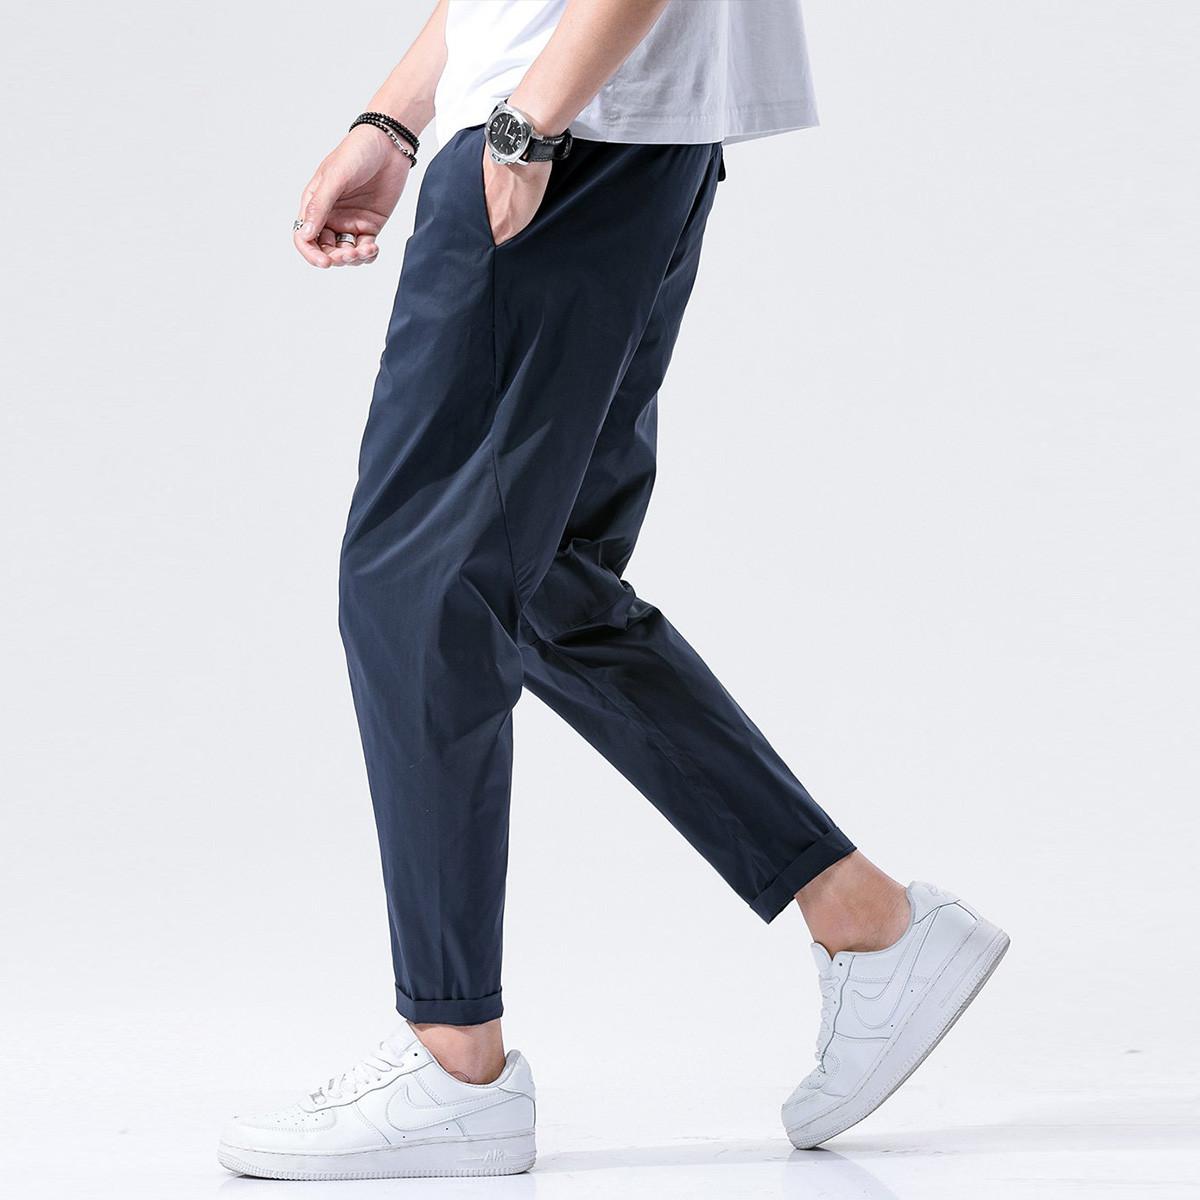 KM KILO KMMETERS2019夏季新品时尚休闲简约薄款舒适男式休闲裤K648J33081458